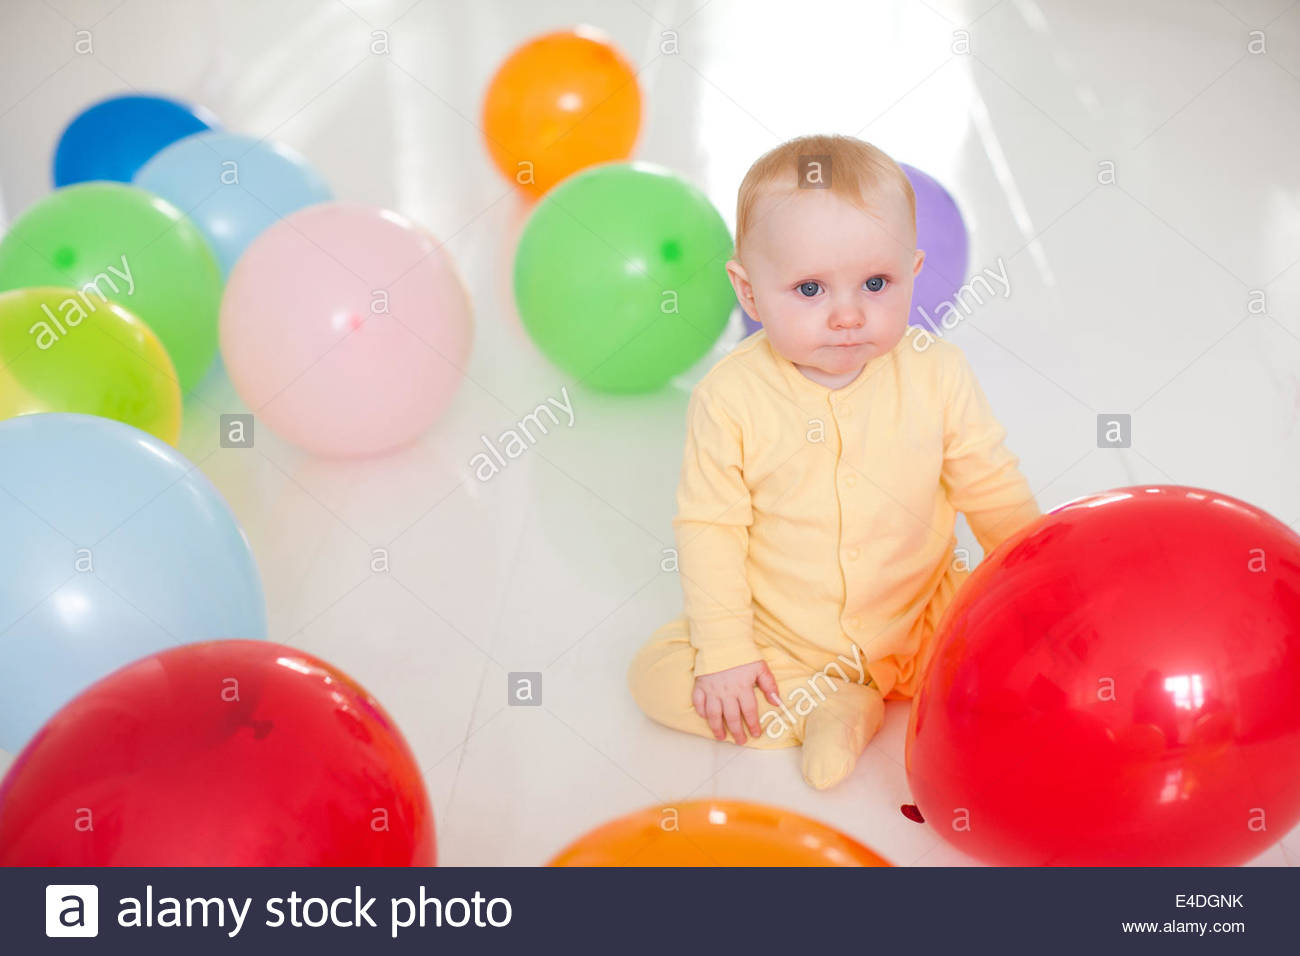 Neugierig Baby mit Luftballons Stockbild